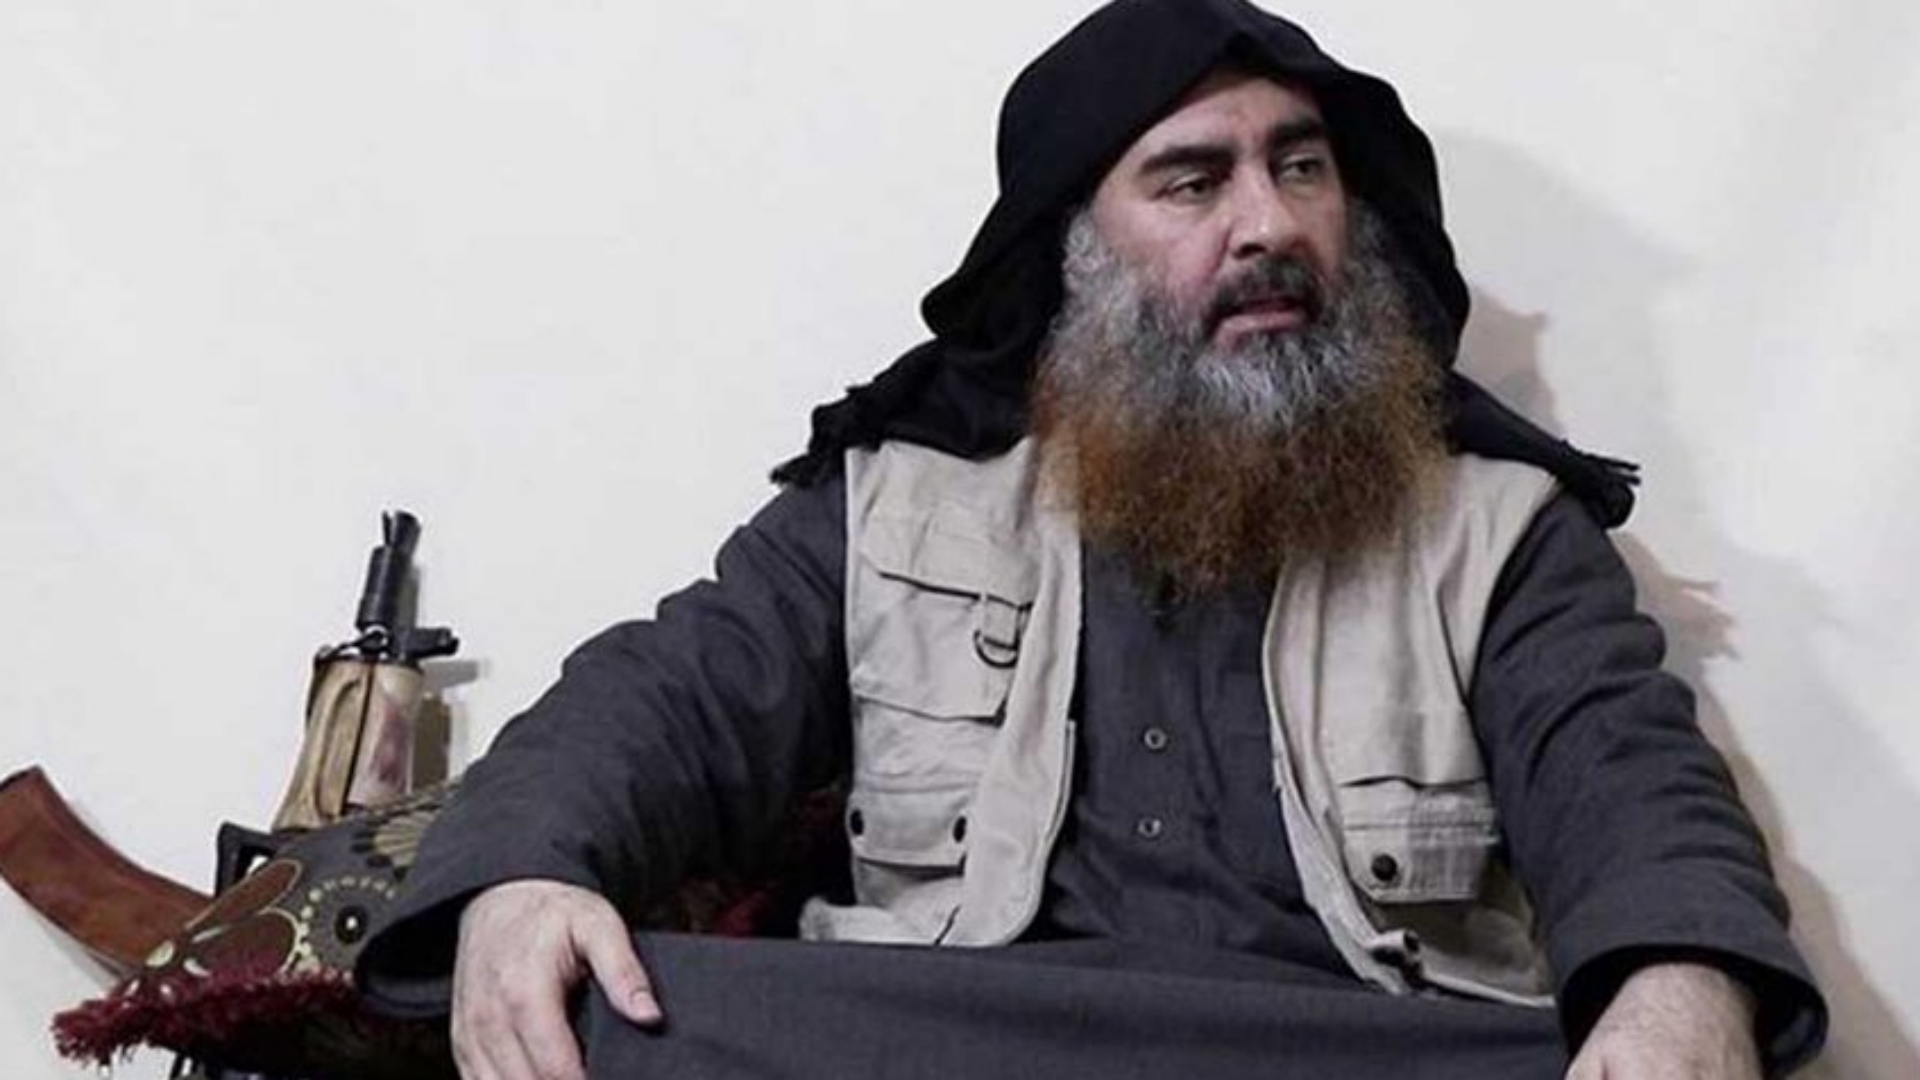 مقتل زعيم داعش أبو بكر البغدادي